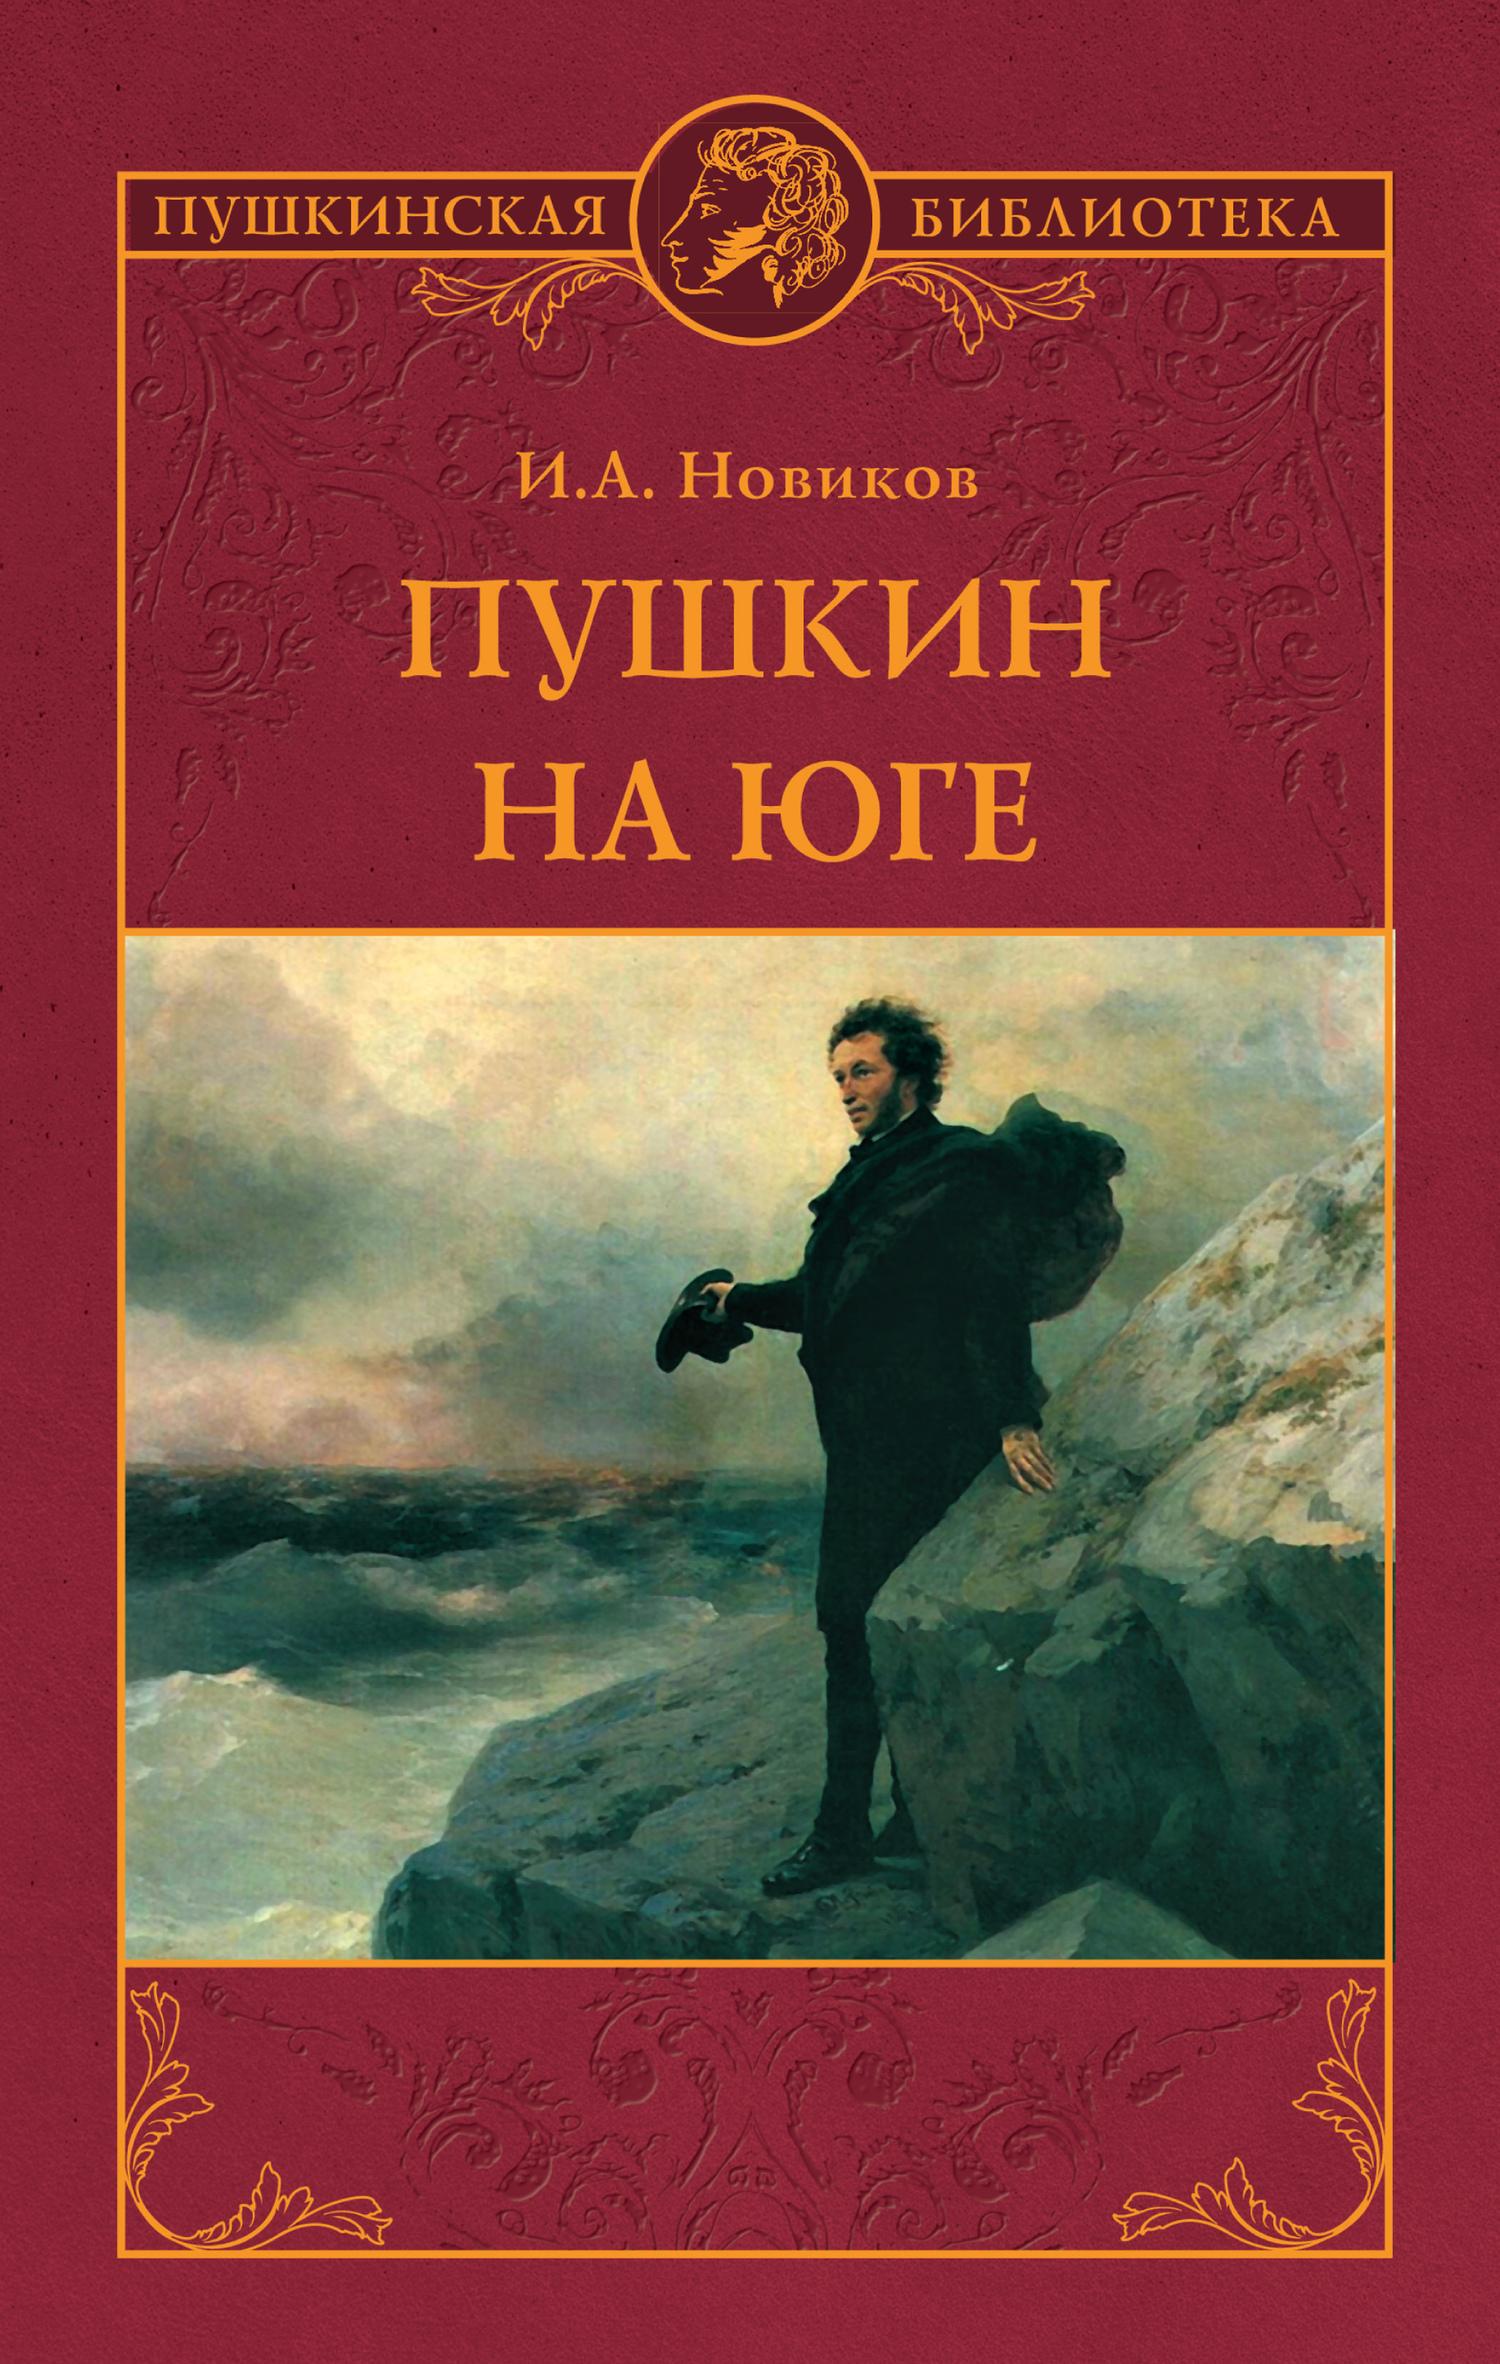 Иван Новиков - Пушкин на юге